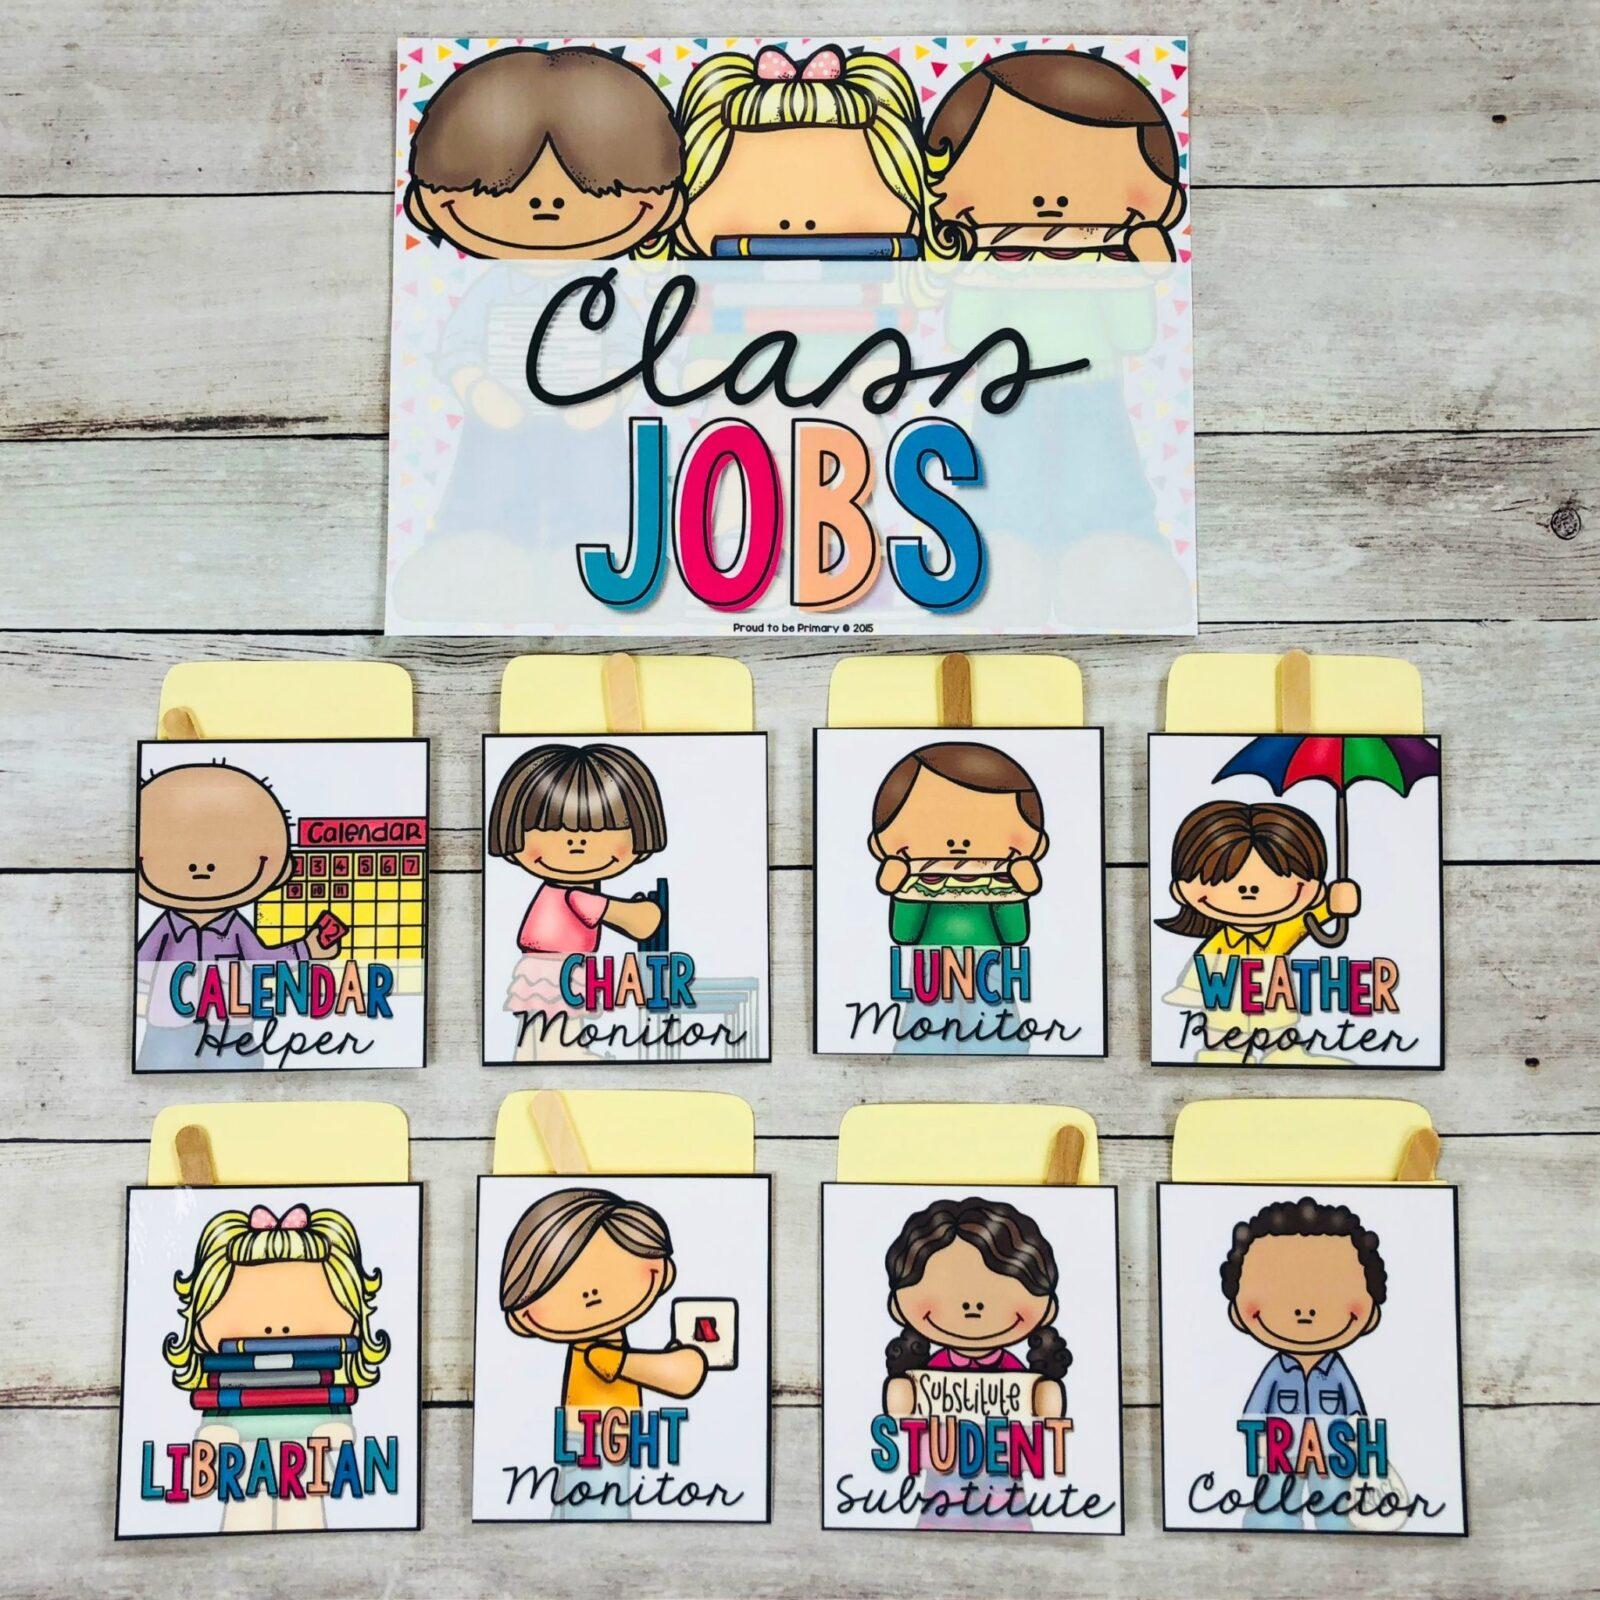 classroom management tools - classroom jobs as management tool